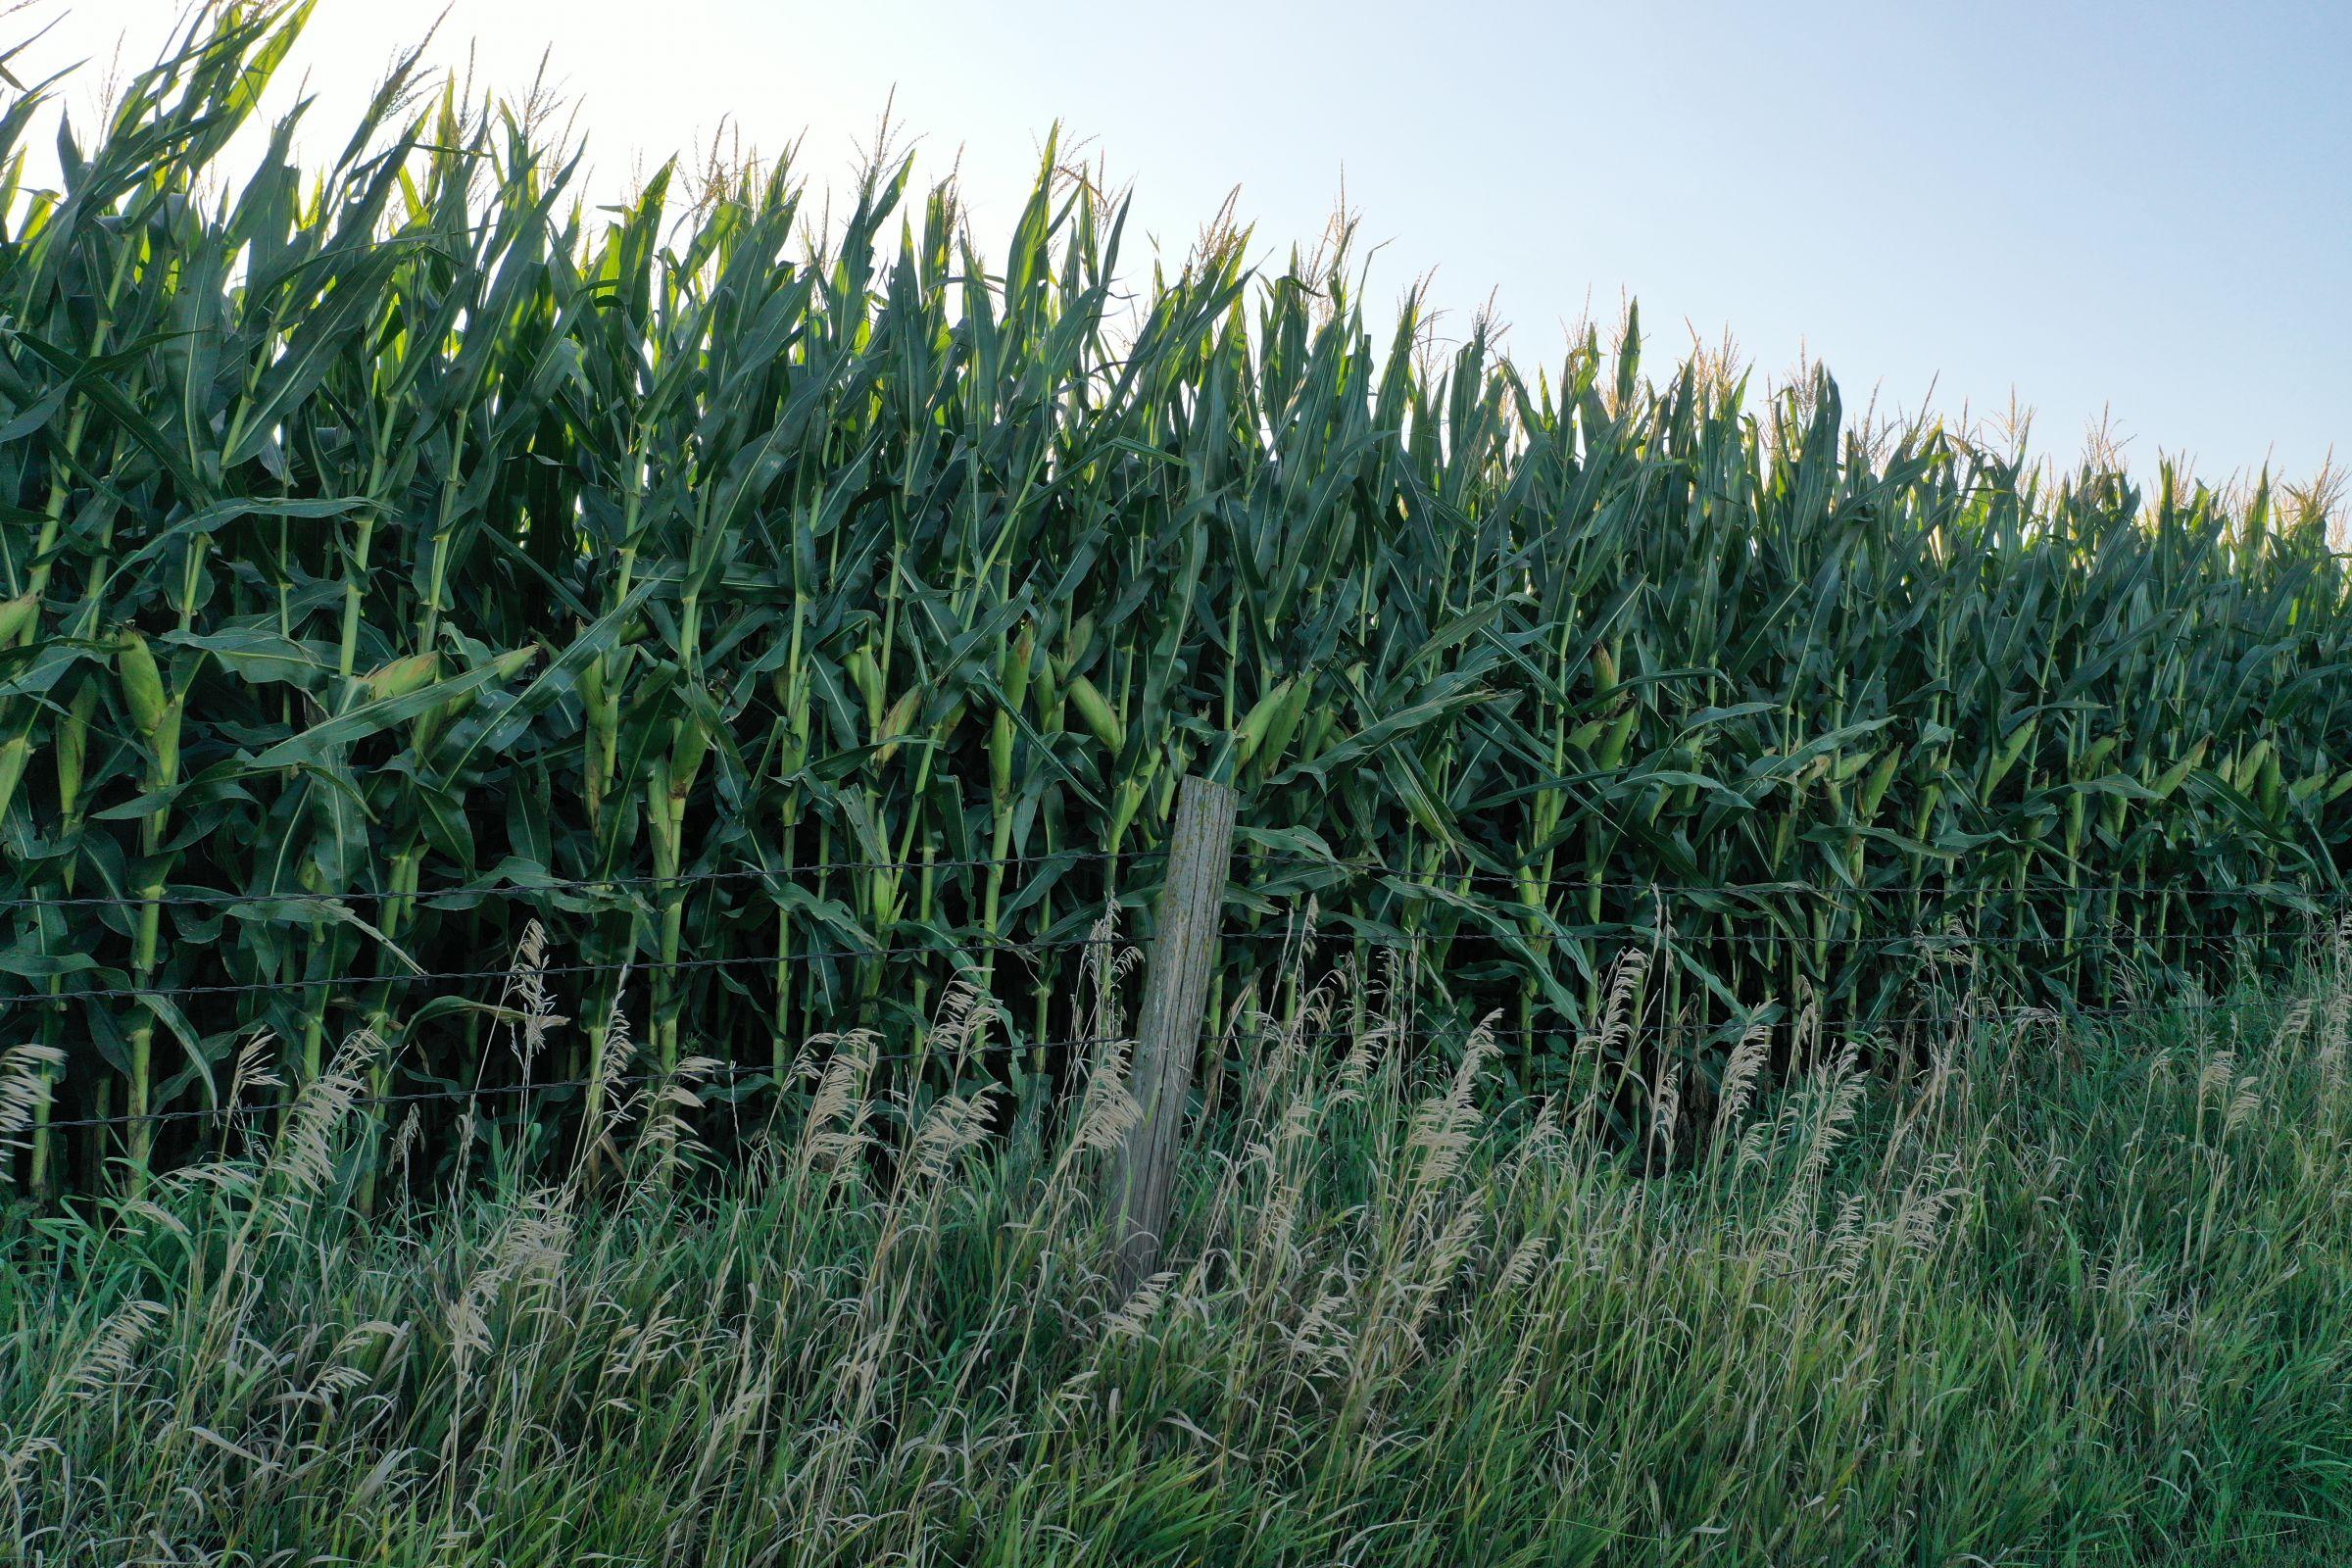 Shelby County Iowa Farmland For Sale